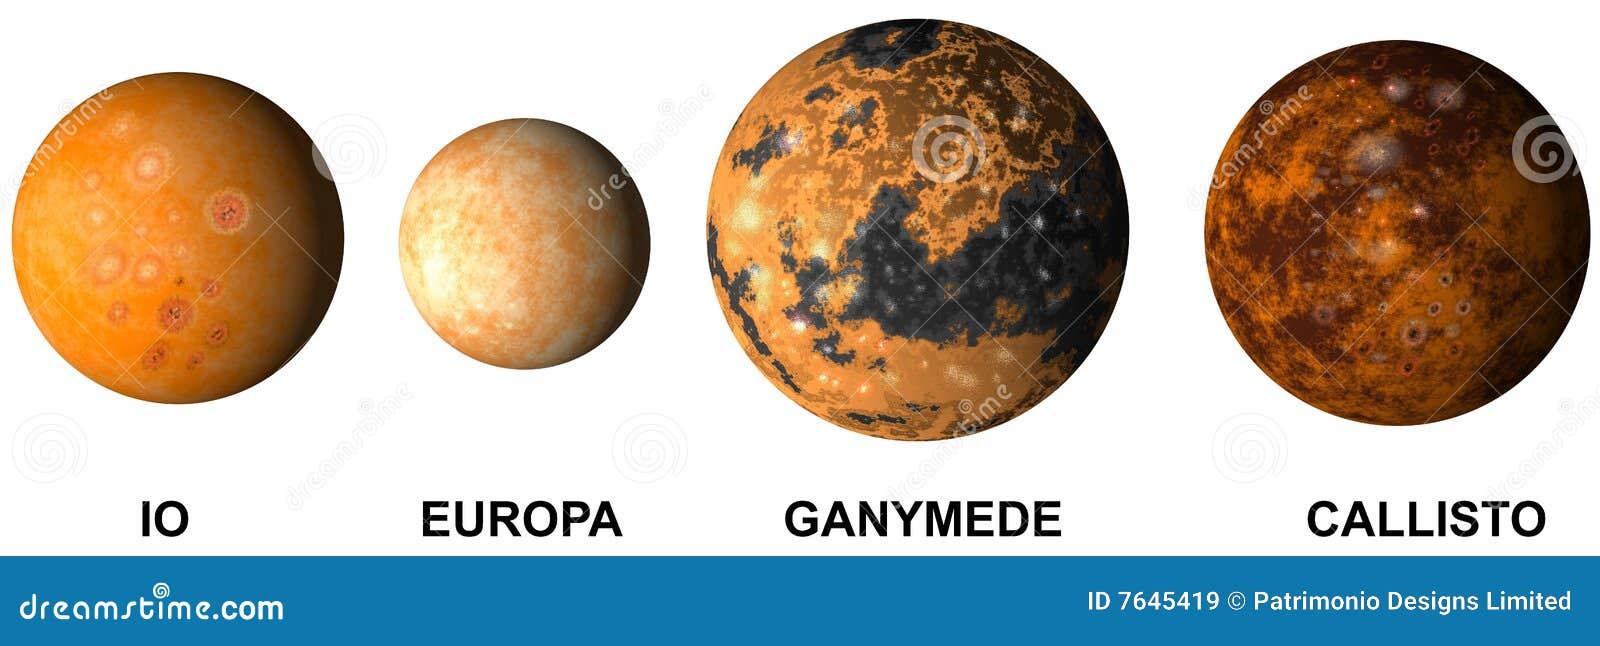 Jupiter musarde la planète s